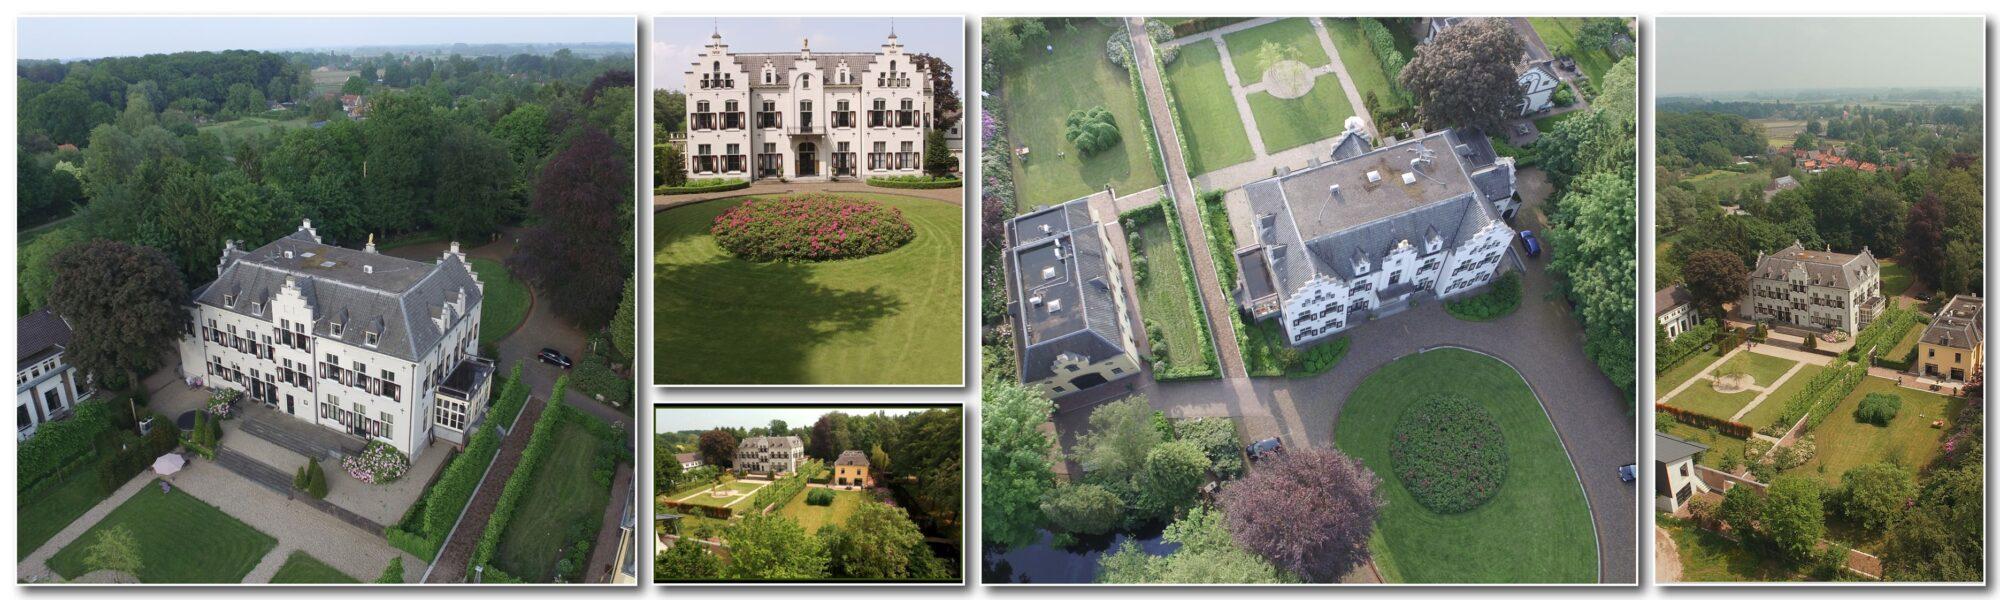 Ruimte voor zorgwoningen op Landgoed De Wildbaan in Leuvenheim